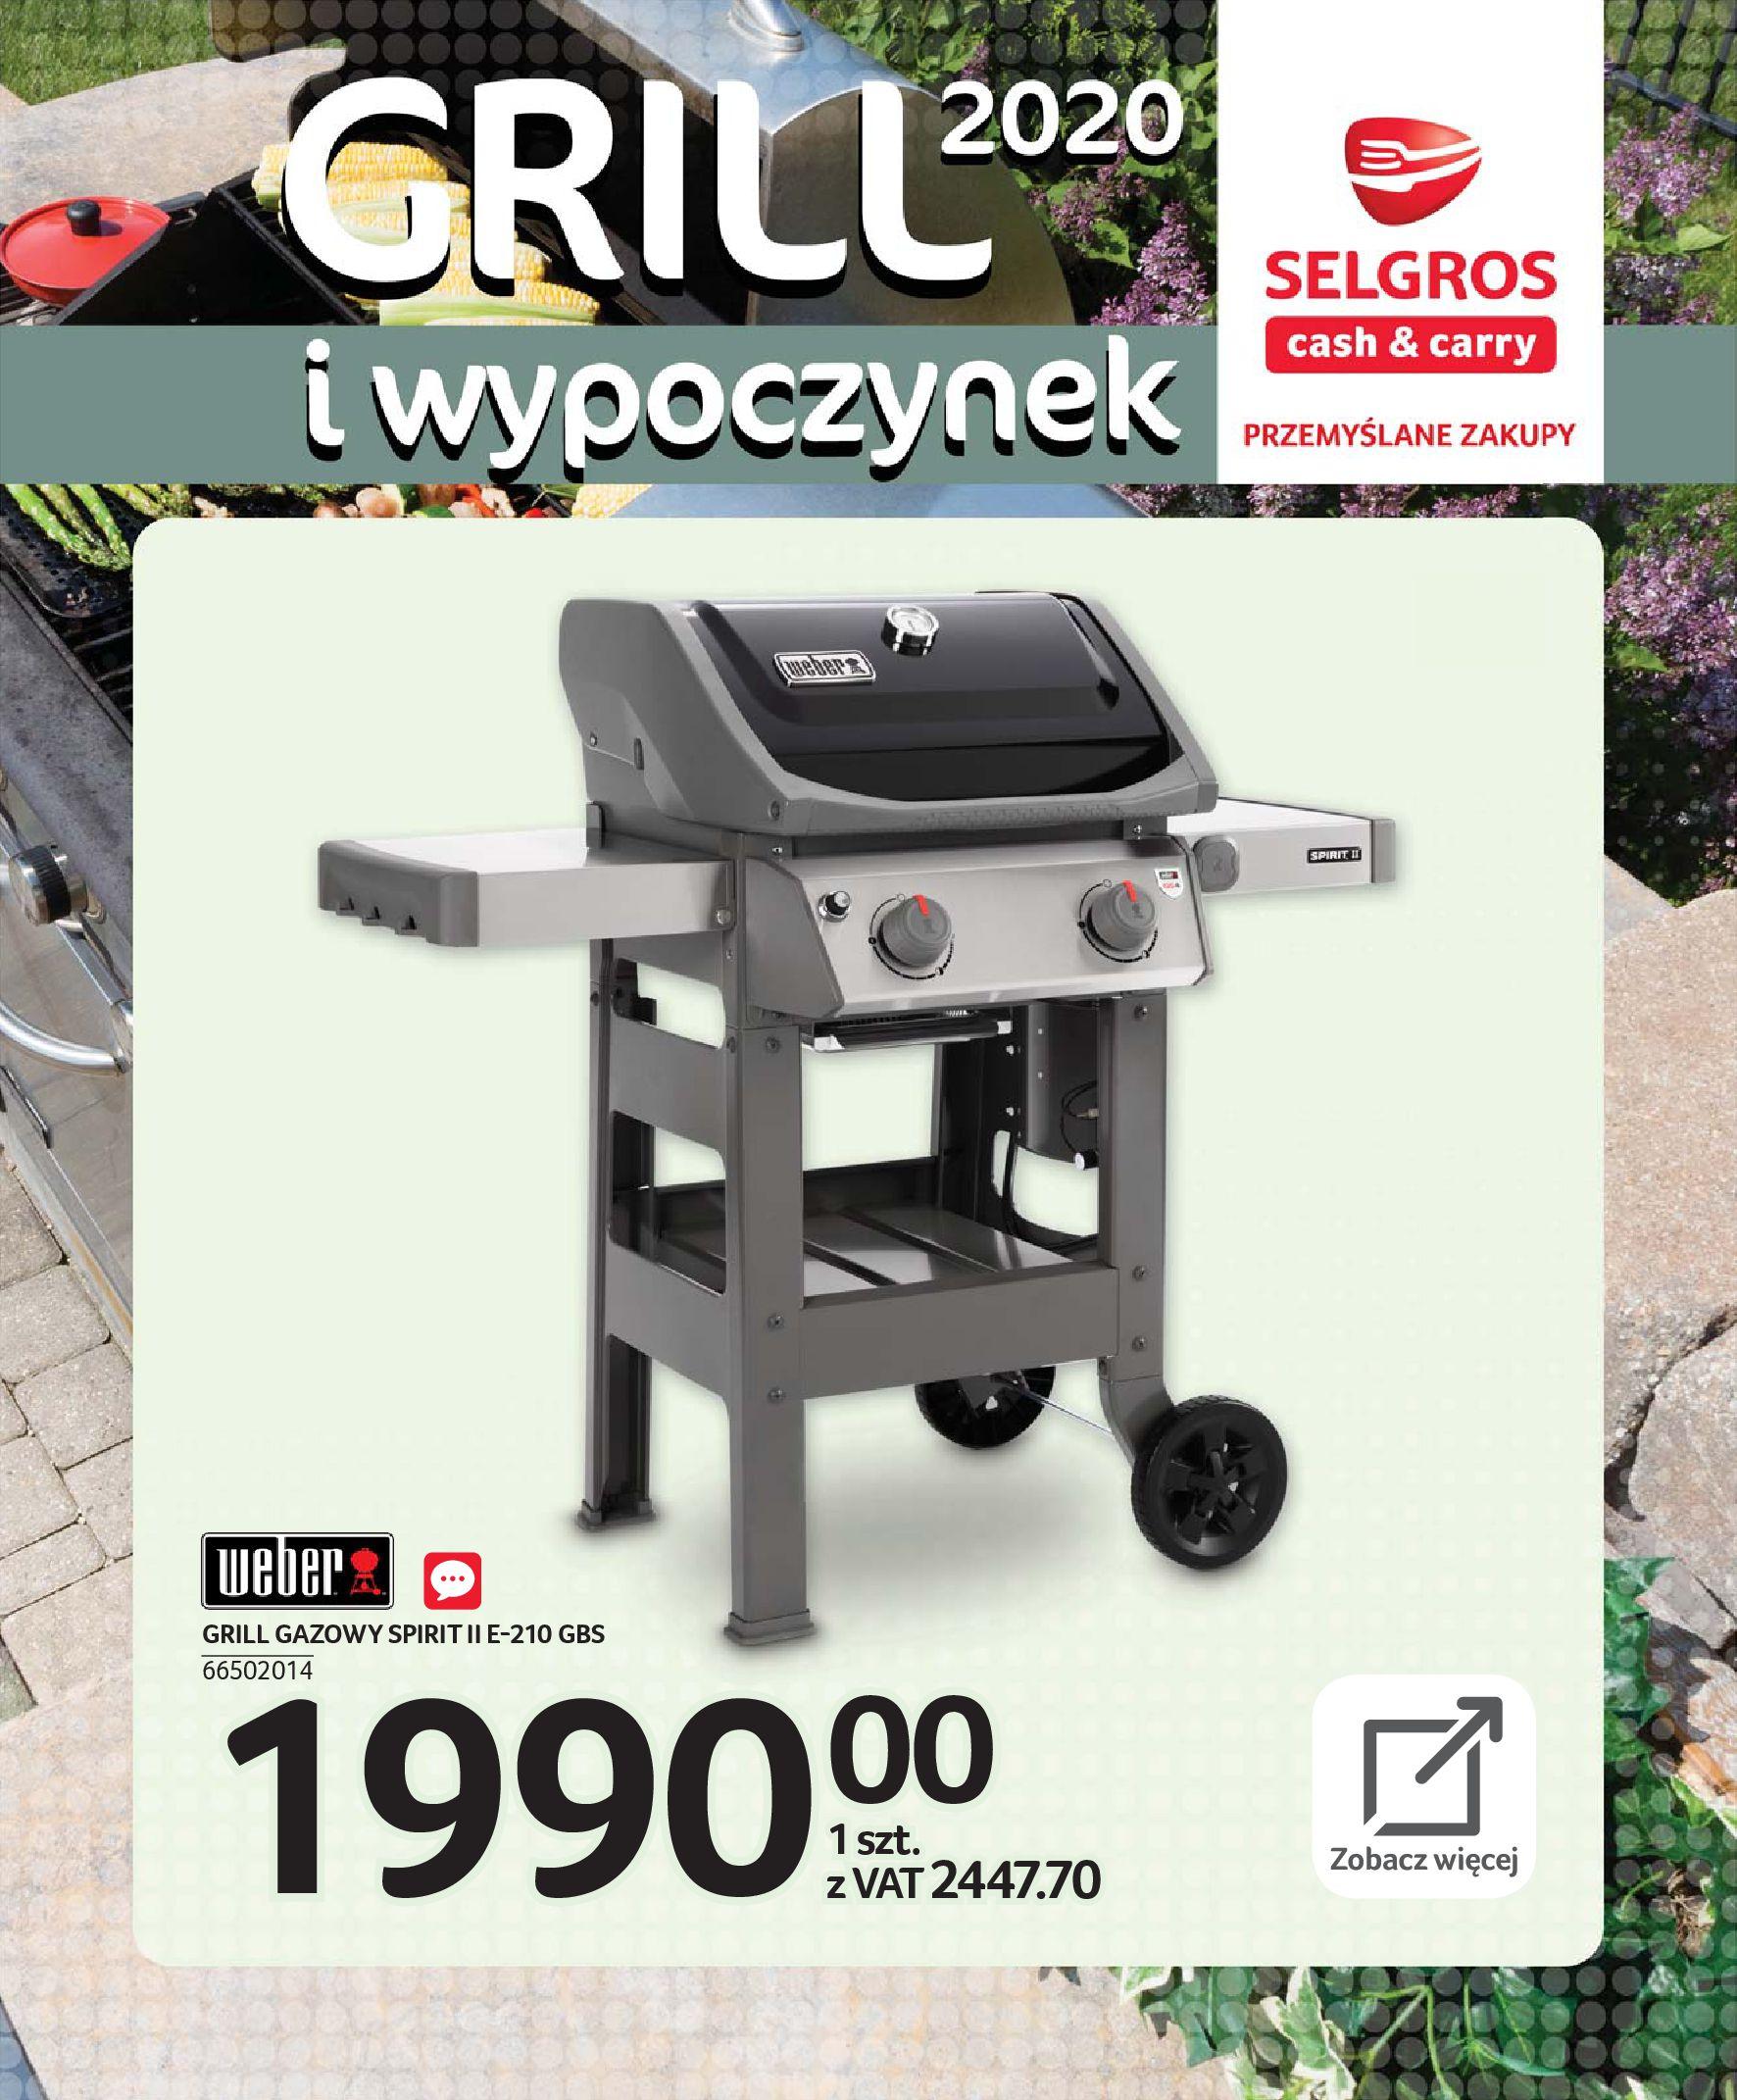 Gazetka Selgros - Katalog - Grill i wypoczynek-31.03.2020-31.08.2020-page-49